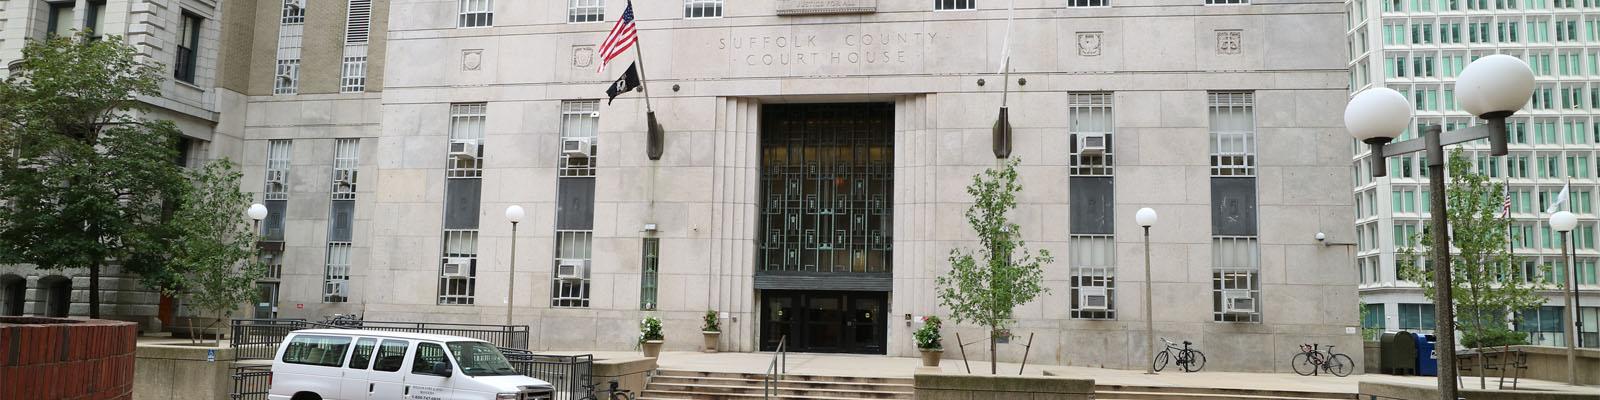 Suffolk County Superior Court | Mass gov